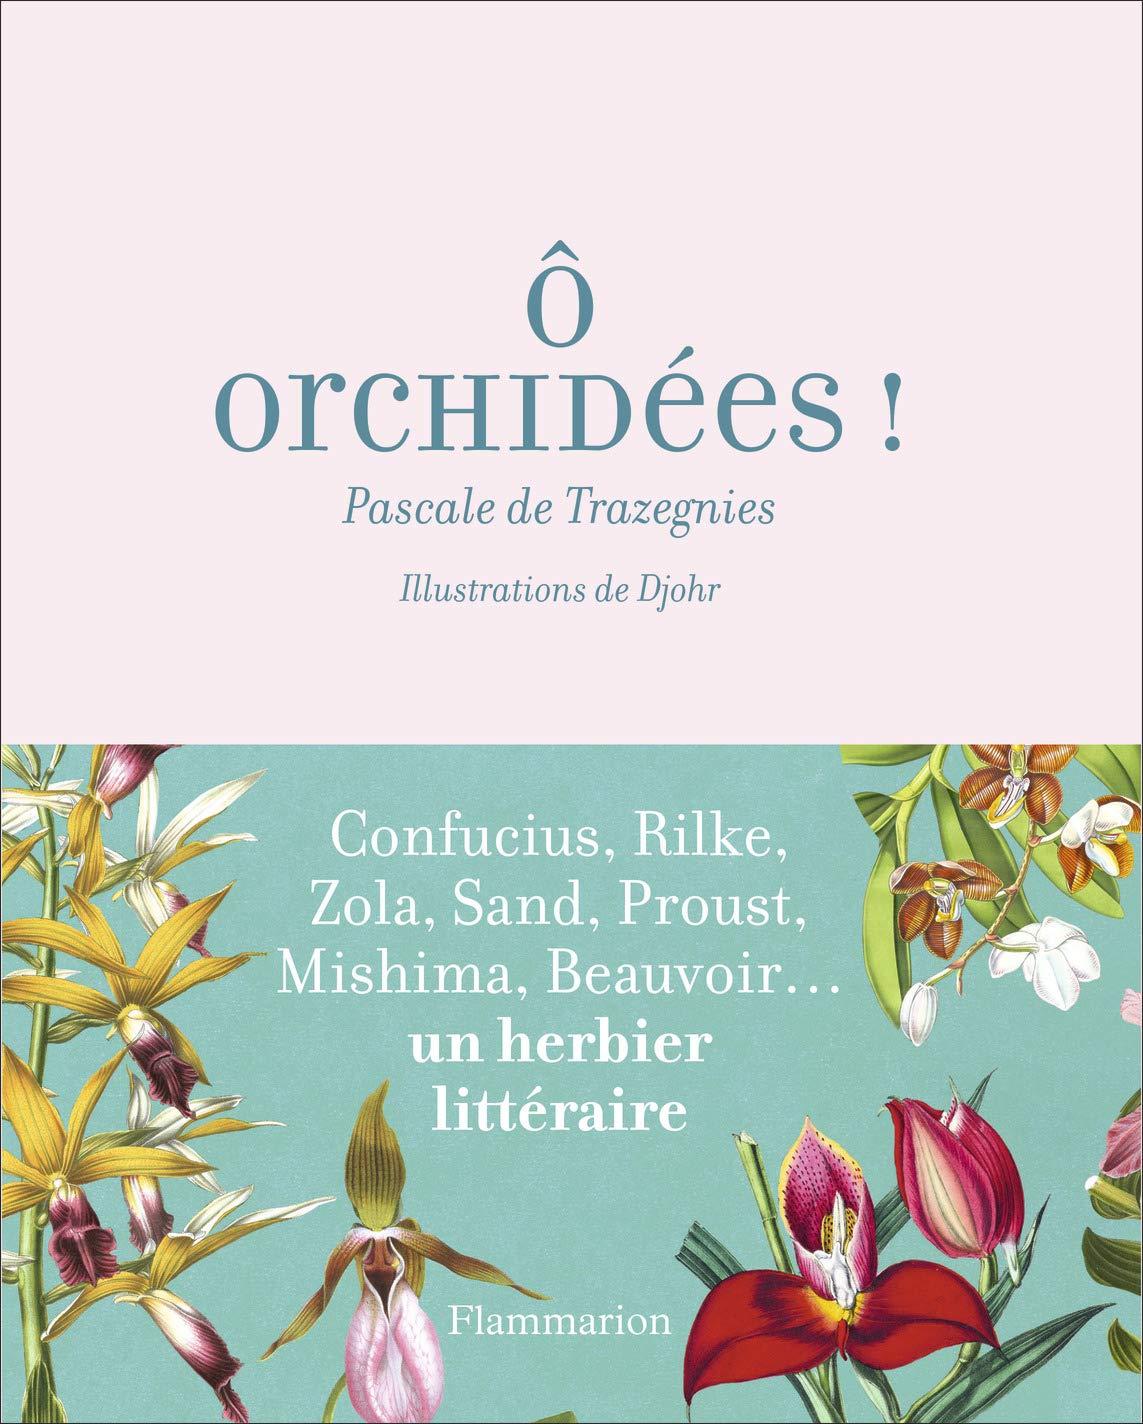 Ô Orchidées par Pascale de Trazegnies, illustré par Djohr. Éd. Flammarion, ISBN 978-2-0814-4570-3, 32 €.